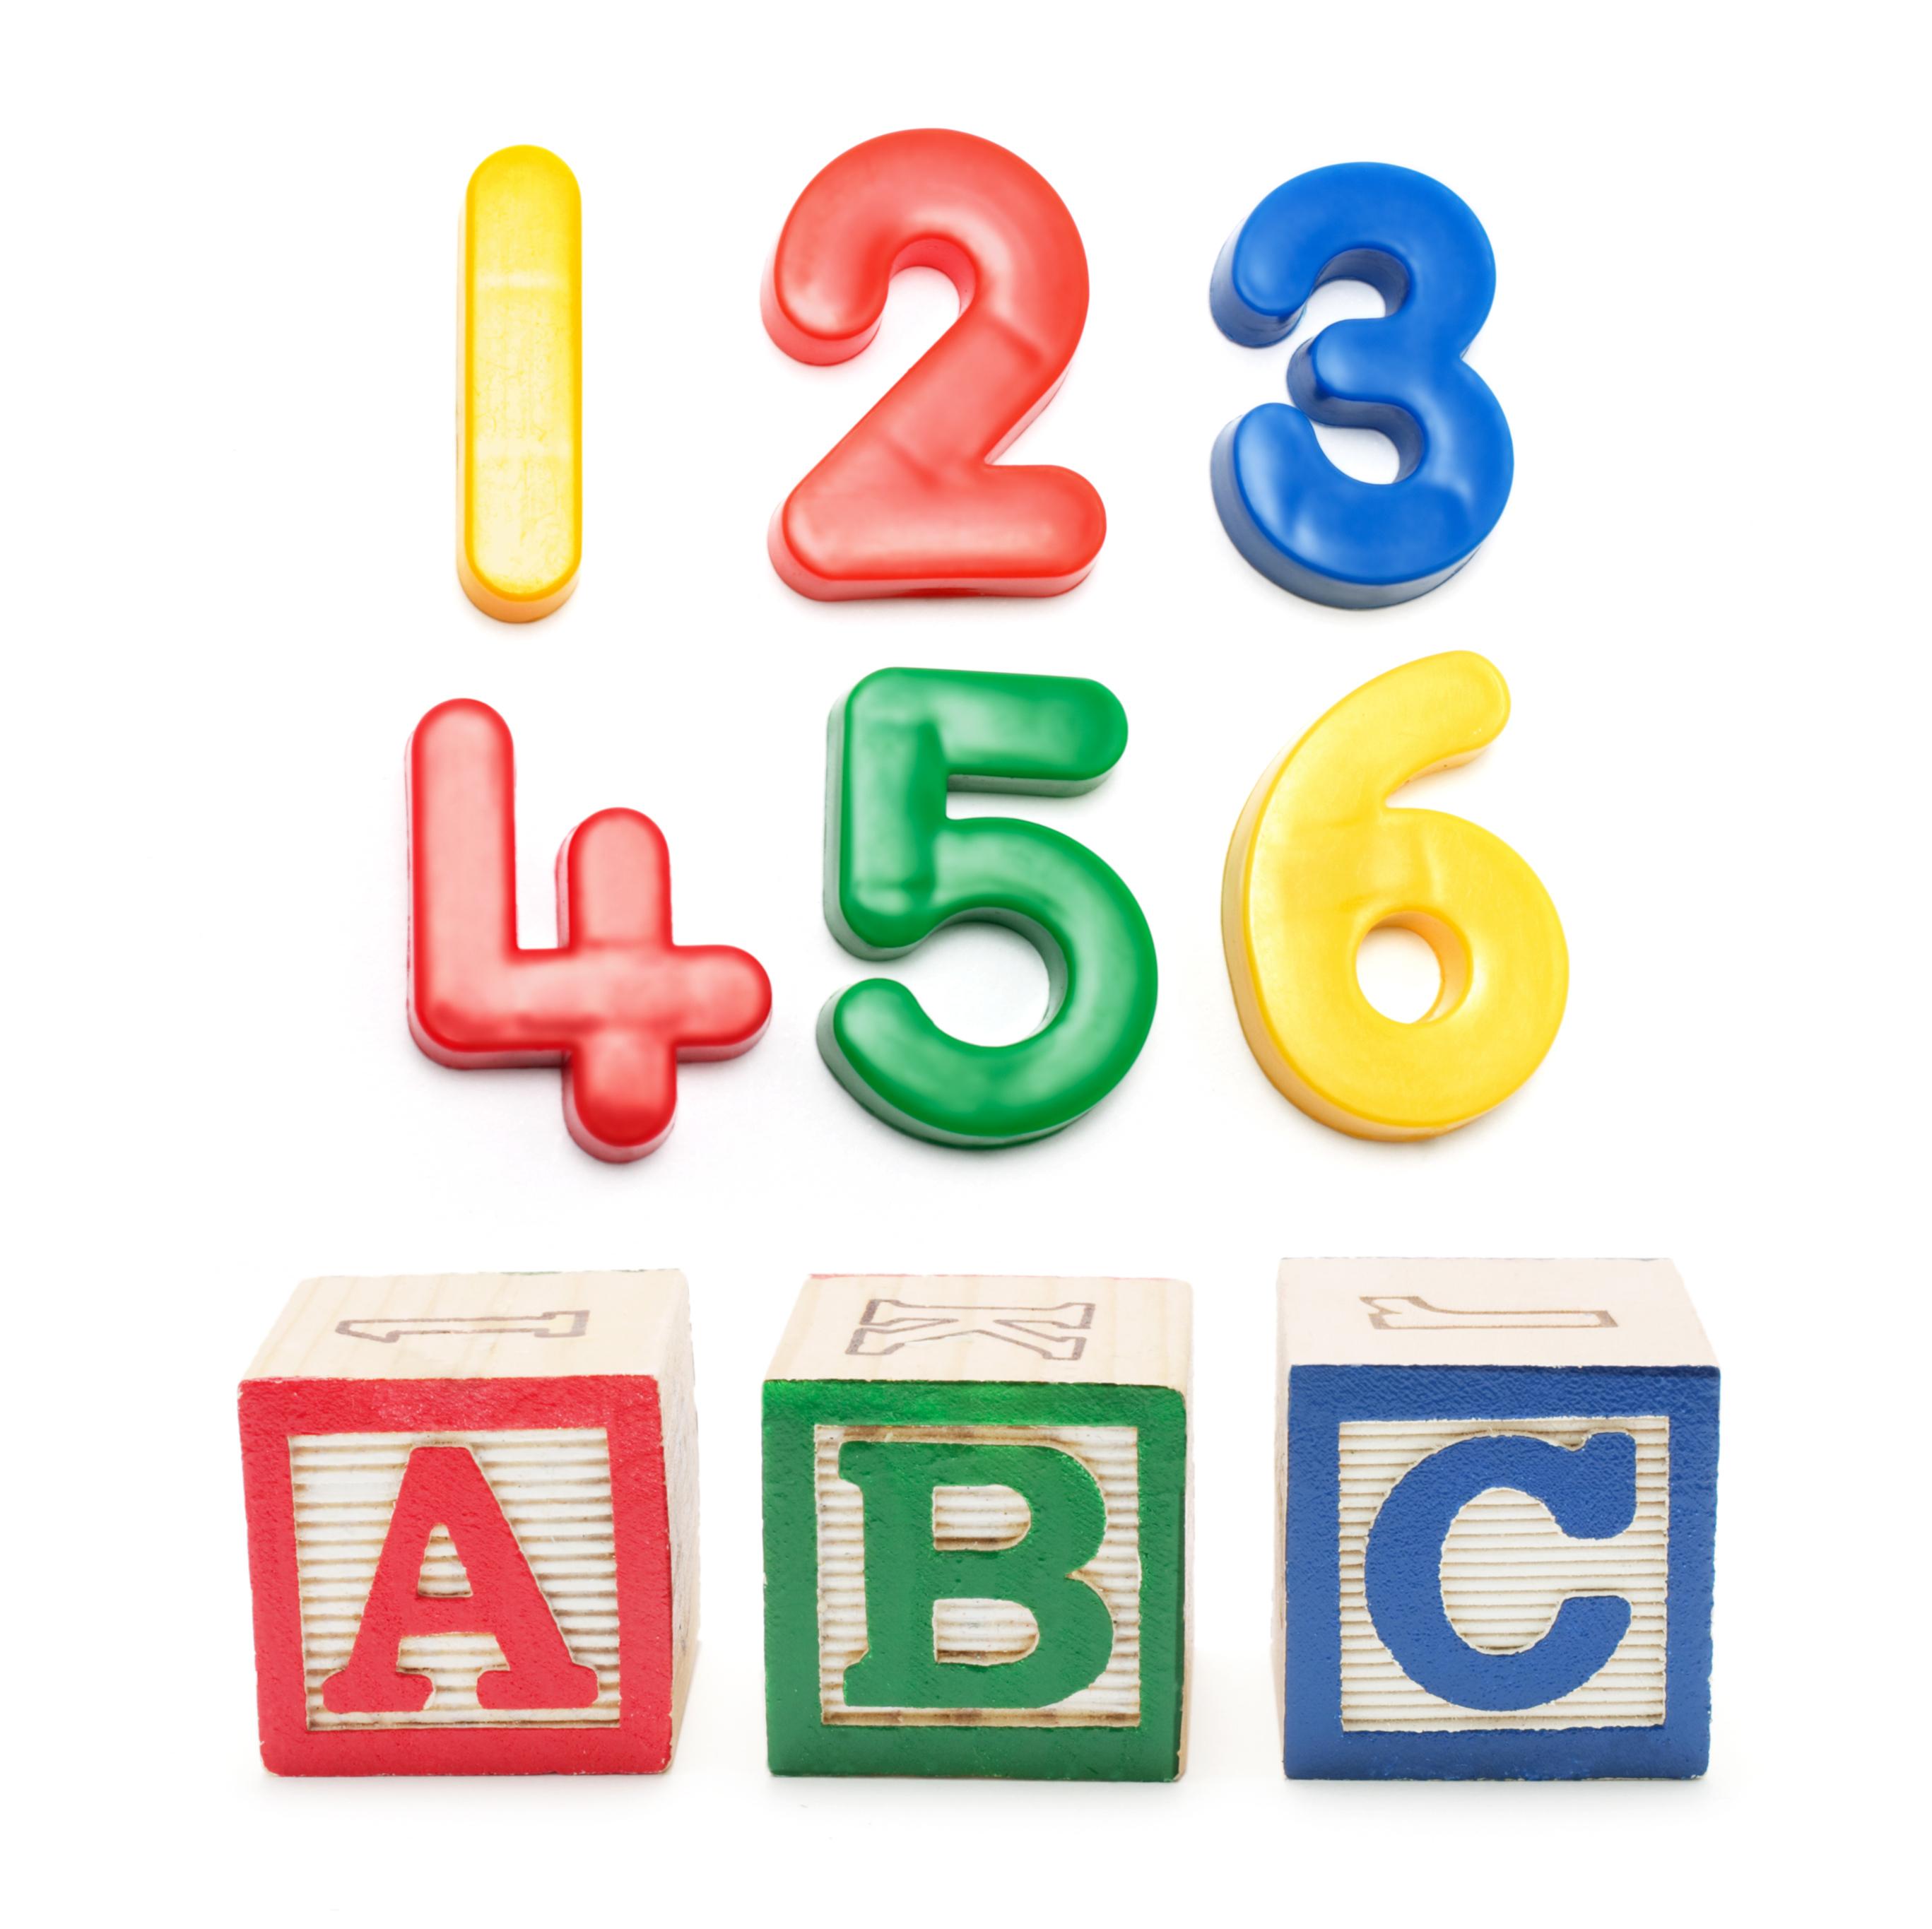 image of 123, ABC, Rote memorization.